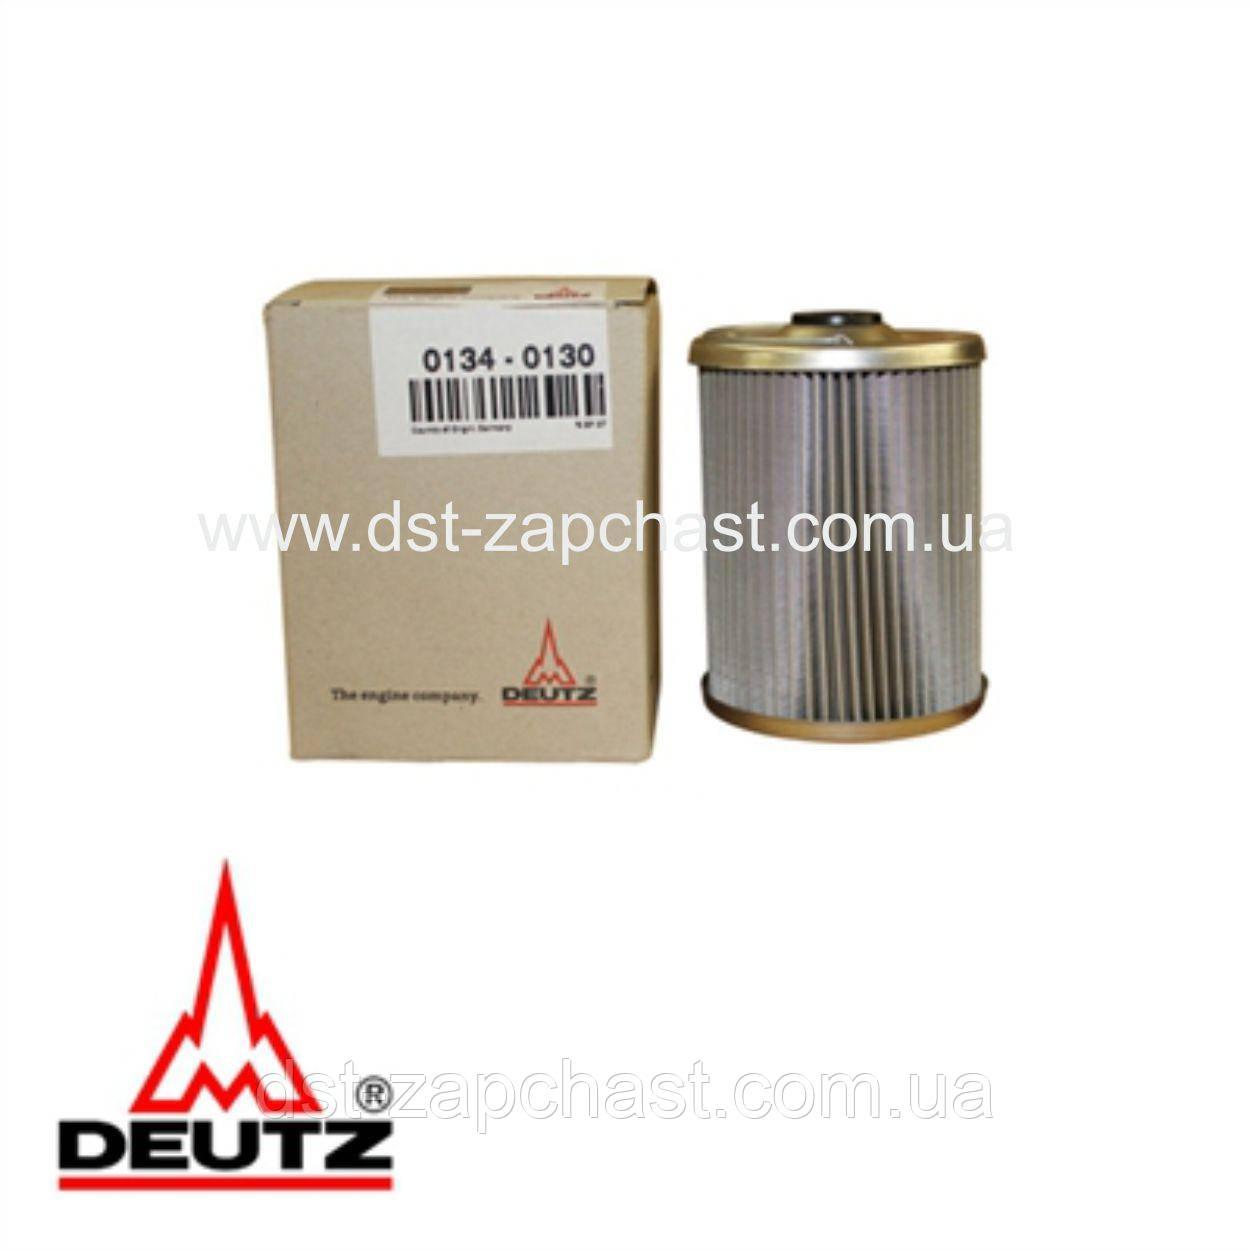 01340130, 01340115 Фильтр-вставка топлива для двигателей Deutz серии BFM1013